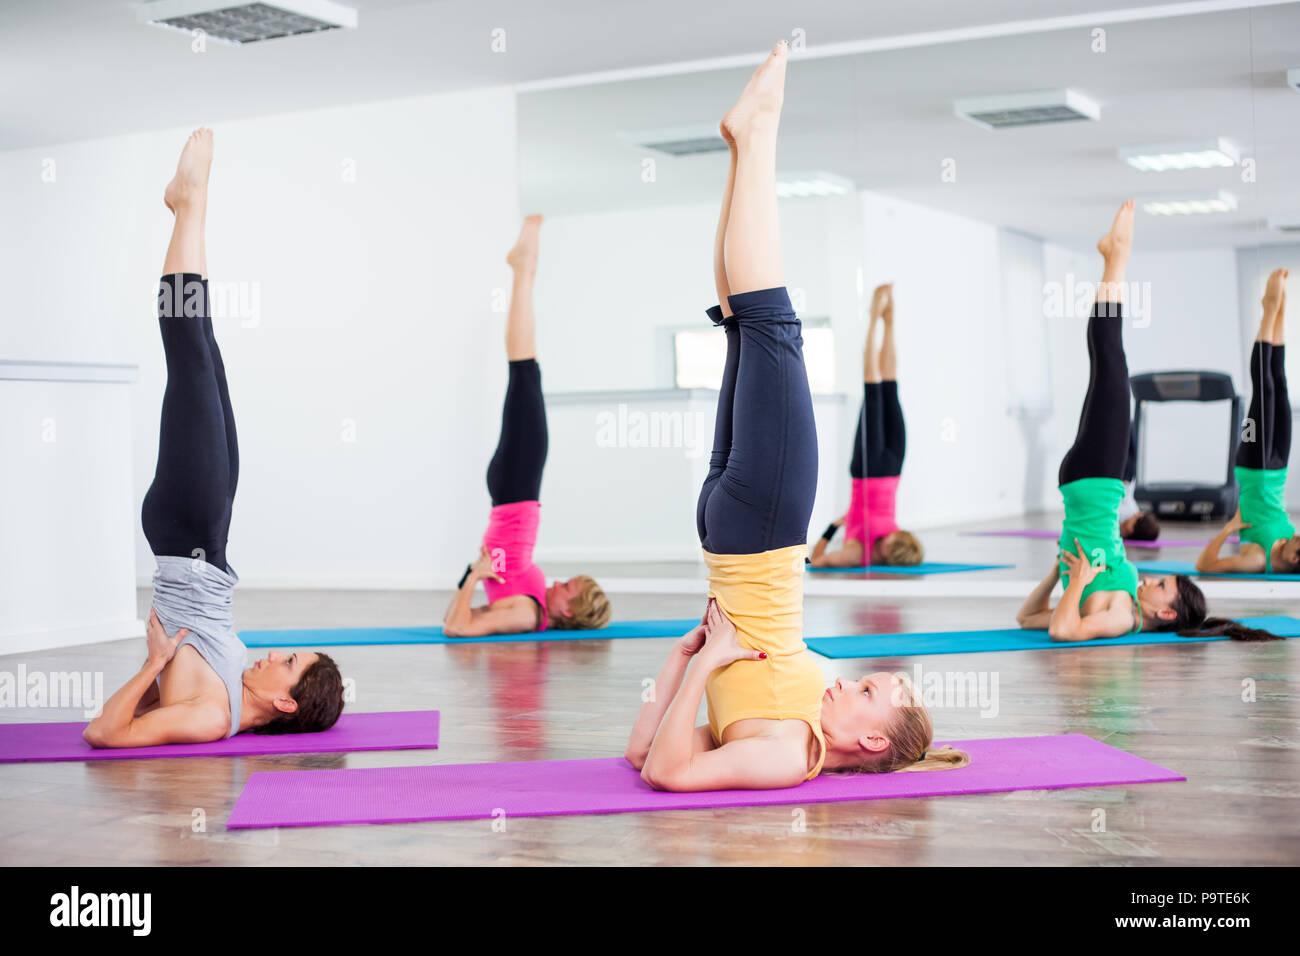 Le quattro ragazze a praticare yoga, Salamba Sarvangasana / supportati supporto spalla Immagini Stock